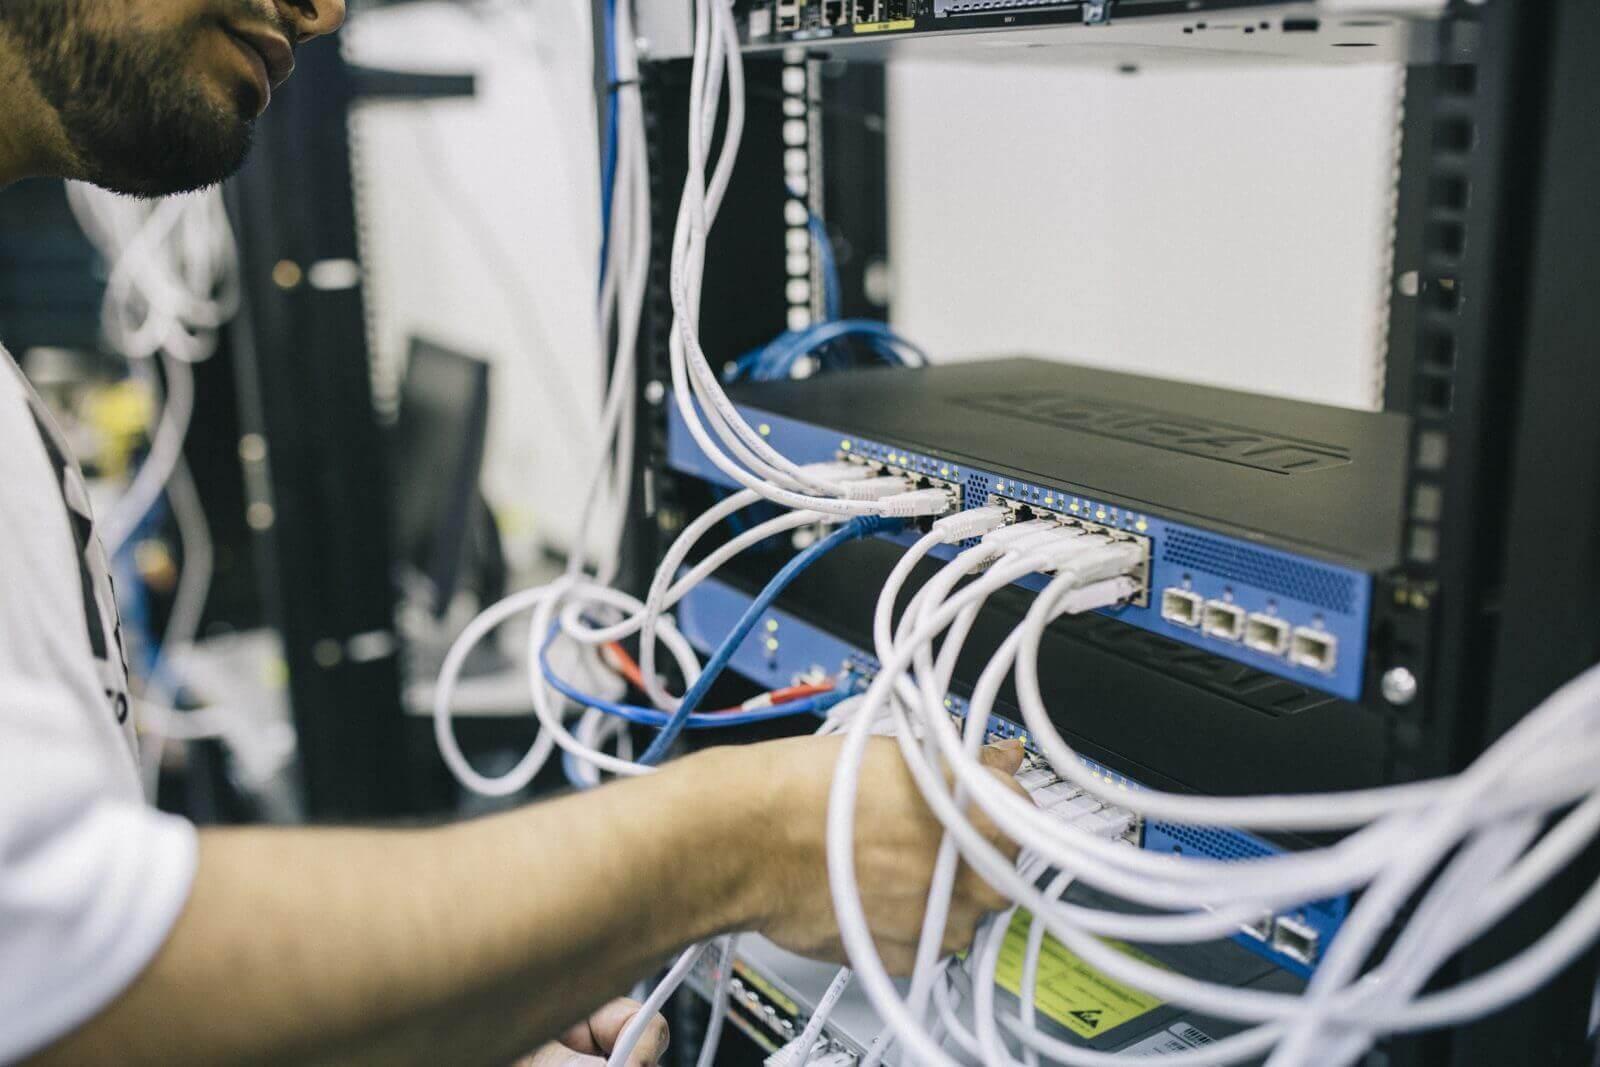 Voor al uw ICT diensten: Beheer en ondersteuning, VoiP Telefonie, Clouddiensten, Office 365, Hardware en Software. Persoonlijk, direct en flexibel.